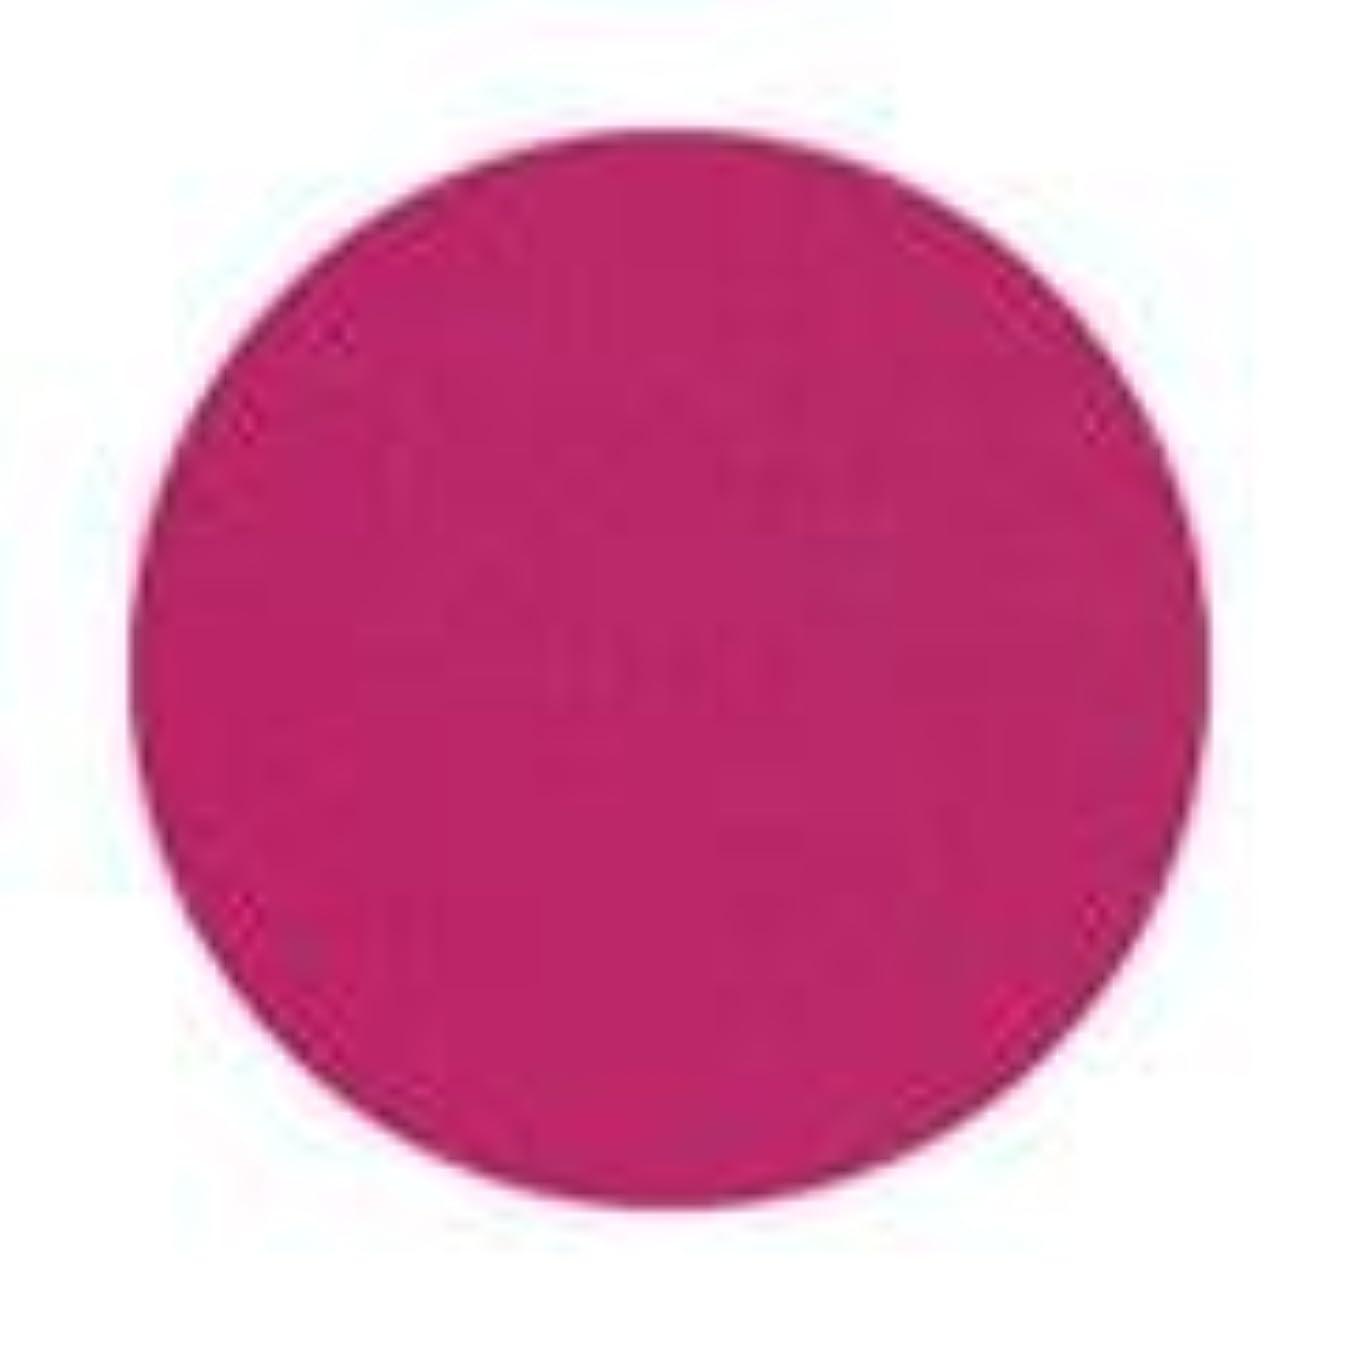 ハウス疎外ドライブJessica ジェレレーション カラー 15ml  546 カラーミーカラリリー